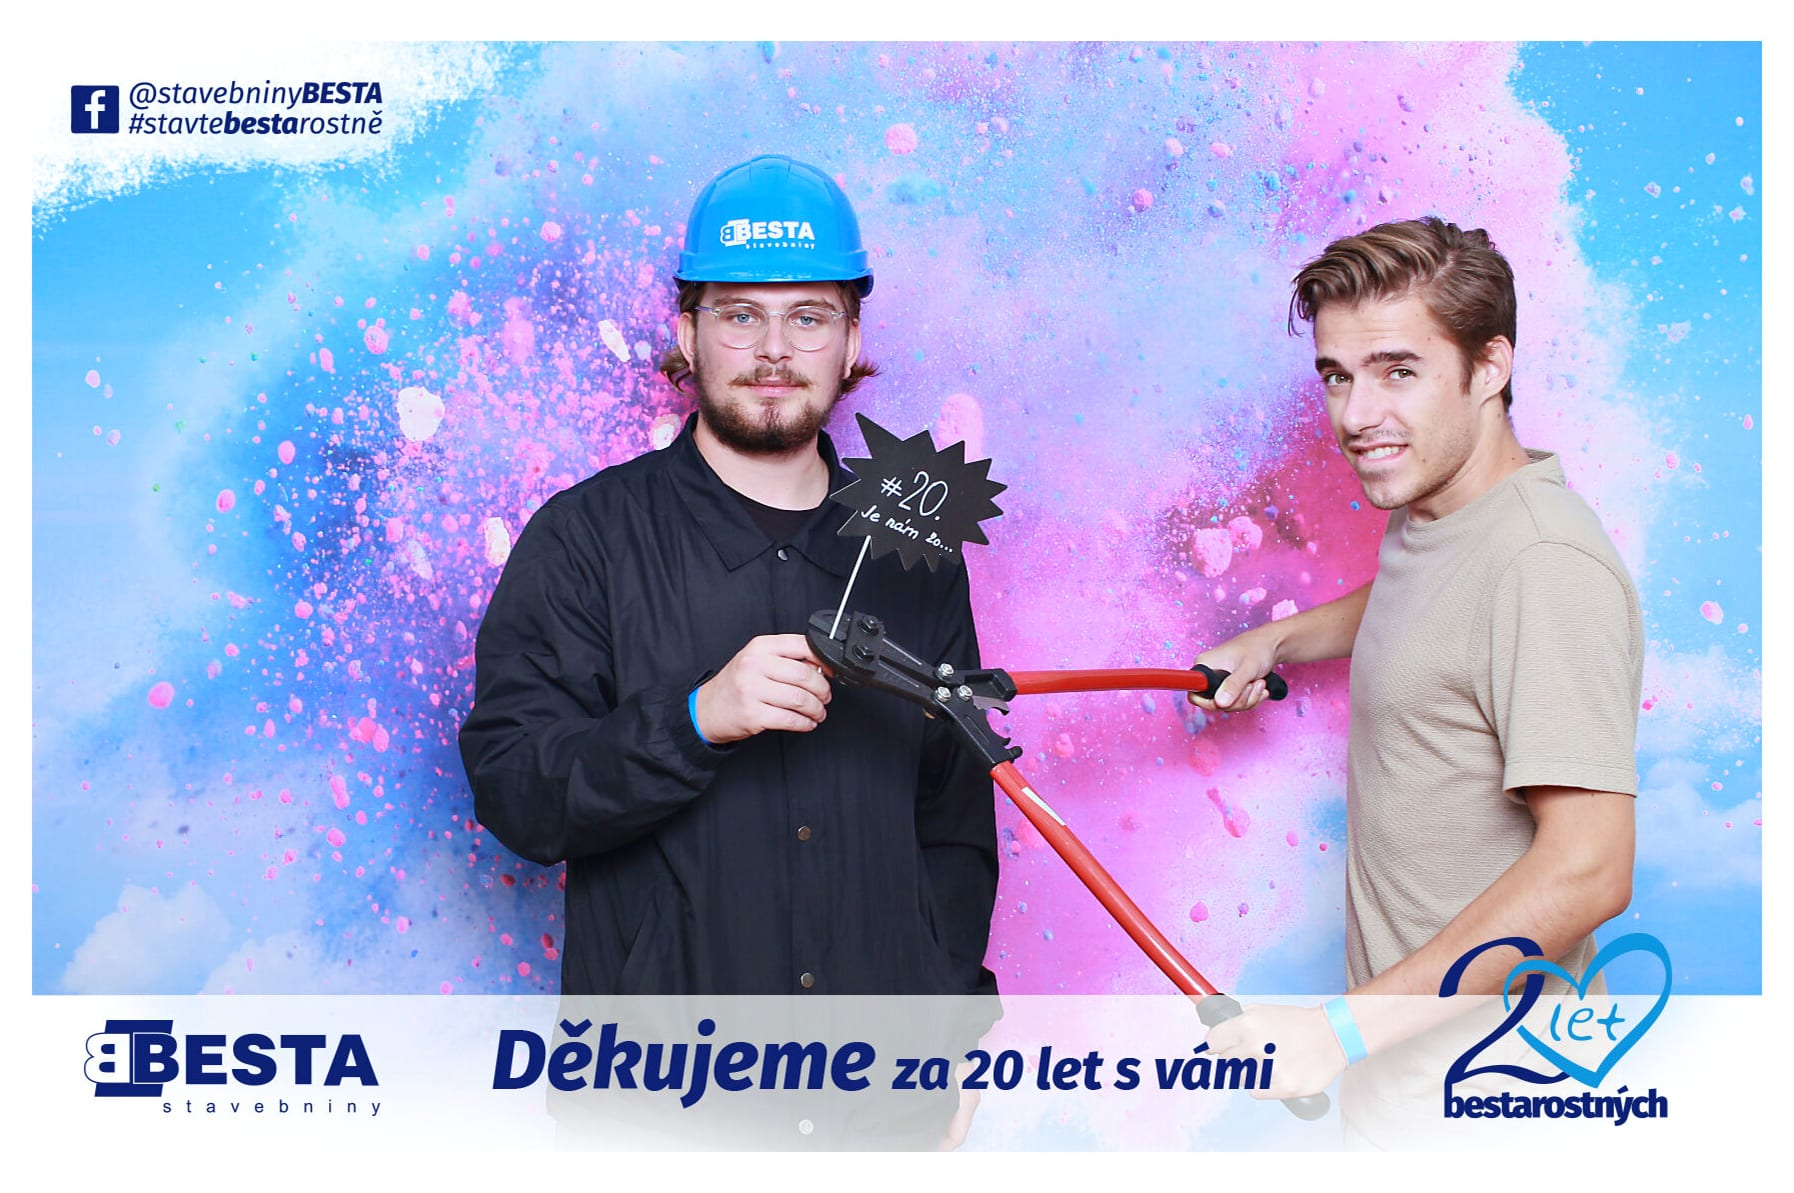 fotokoutek-hradec-kralove-promo-akce-besta-stavebniny-20-let-27-9-2019-658082